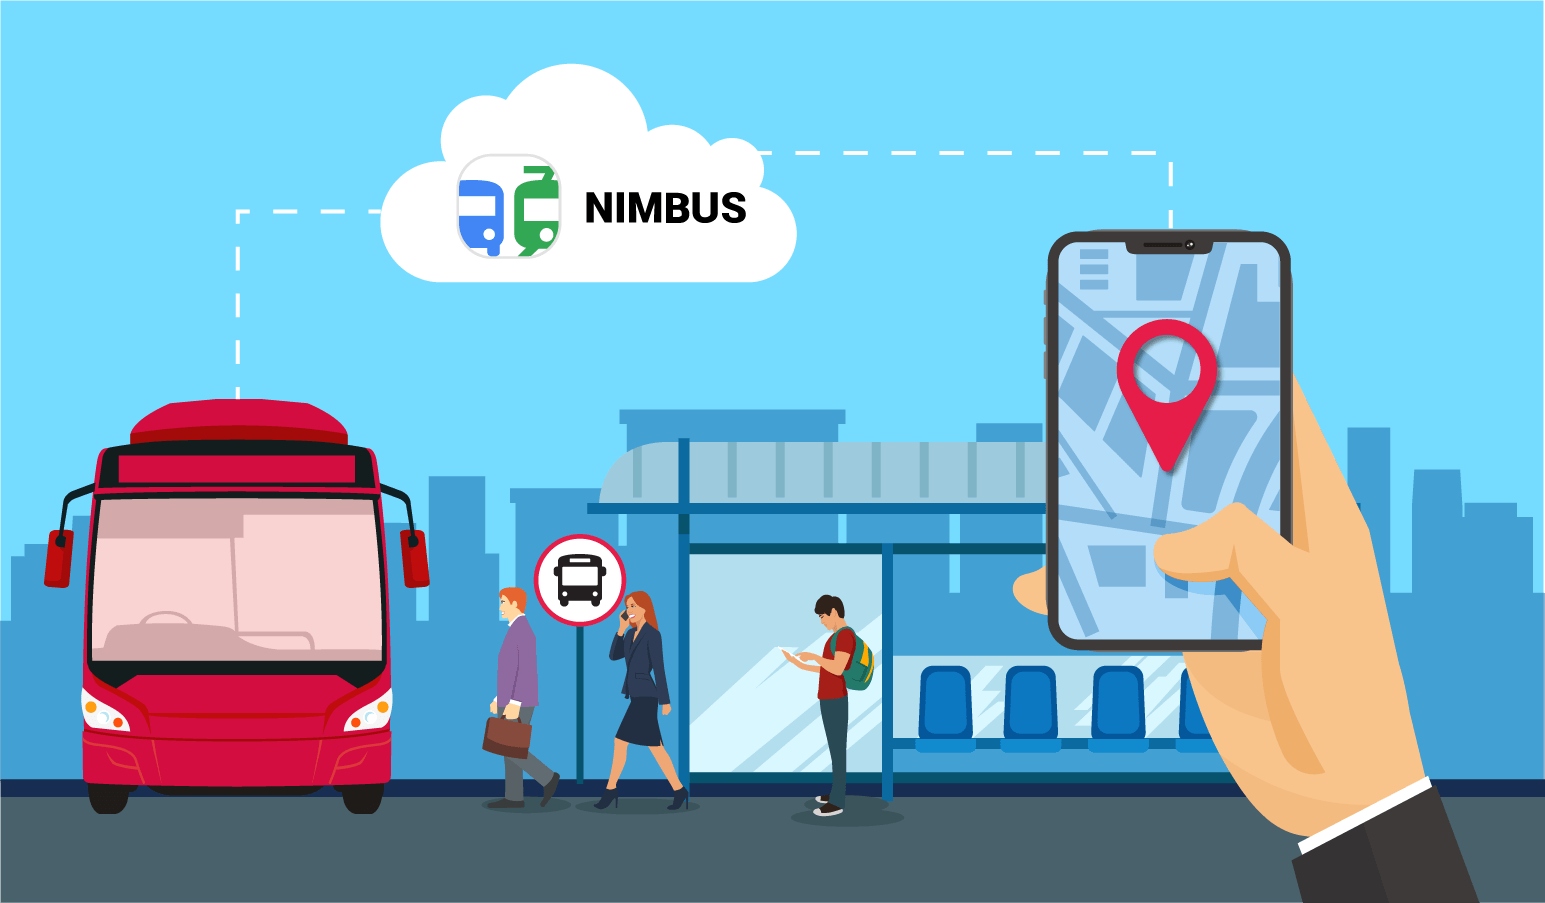 #5. Gestión del transporte público con NimBus